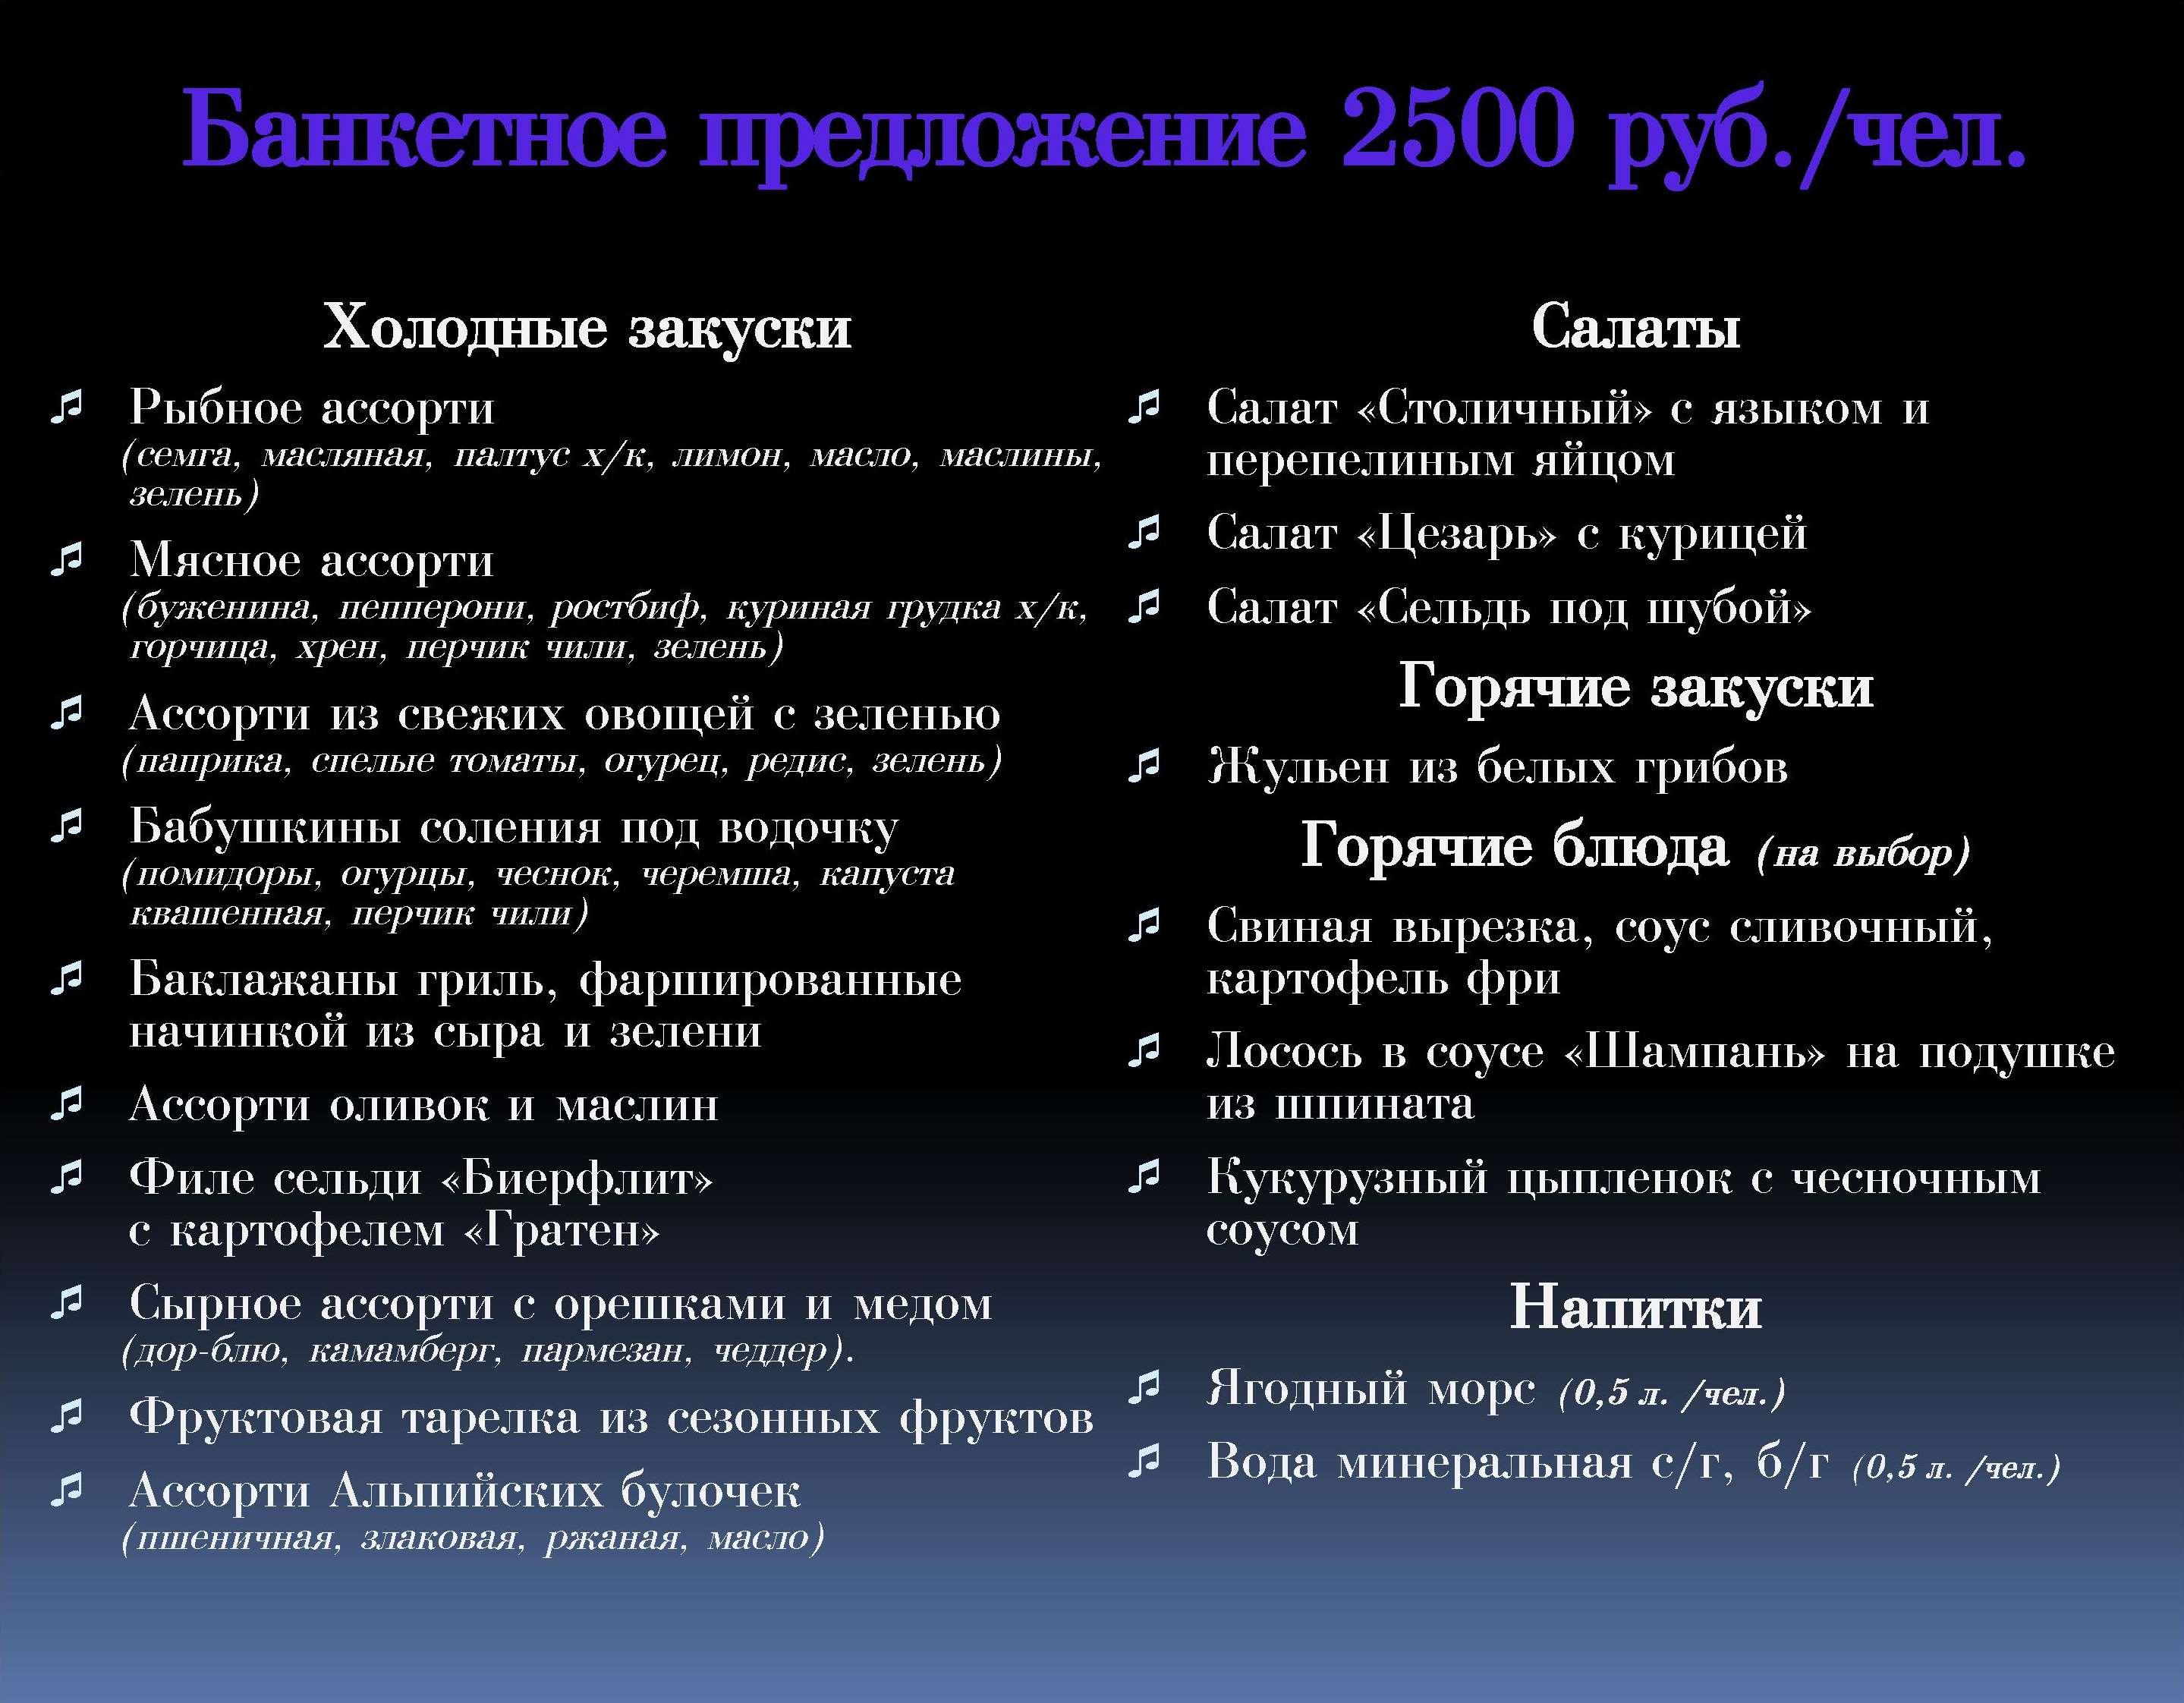 Banket0003-min